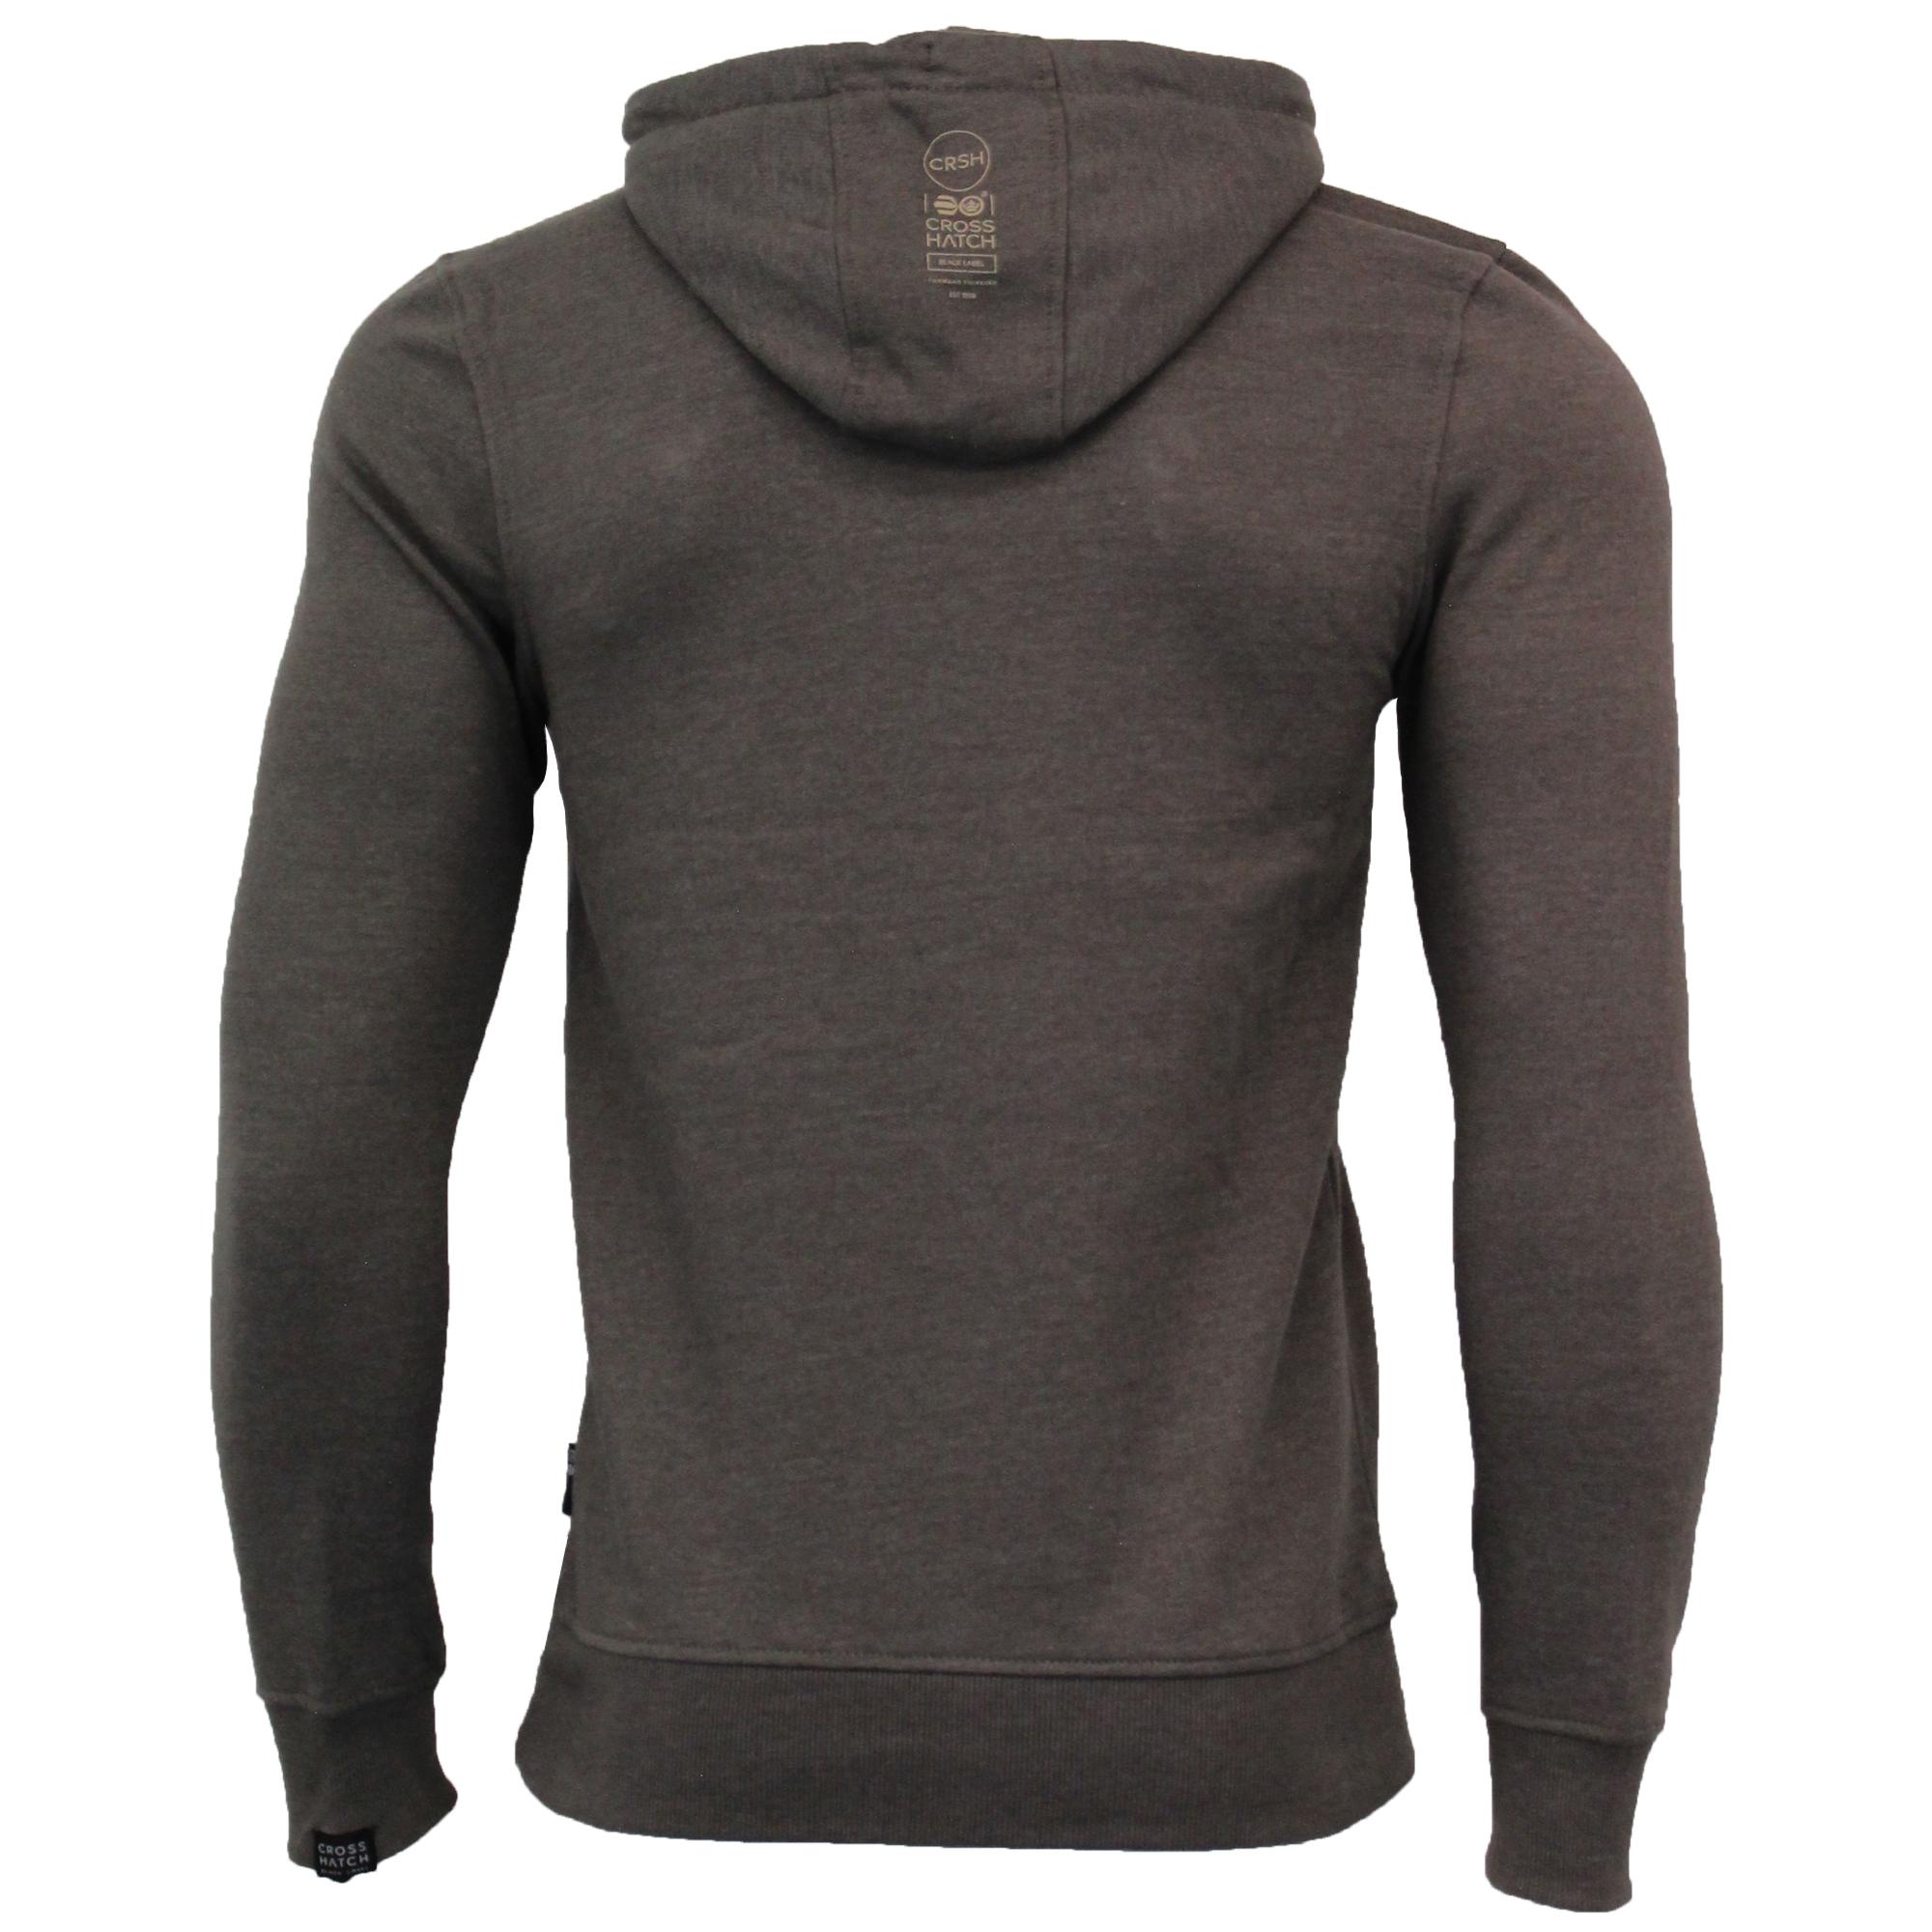 Mens-Sweatshirt-Crosshatch-Over-The-Head-Hoodie-Printed-Zip-Pullover-Top-Fleece thumbnail 4